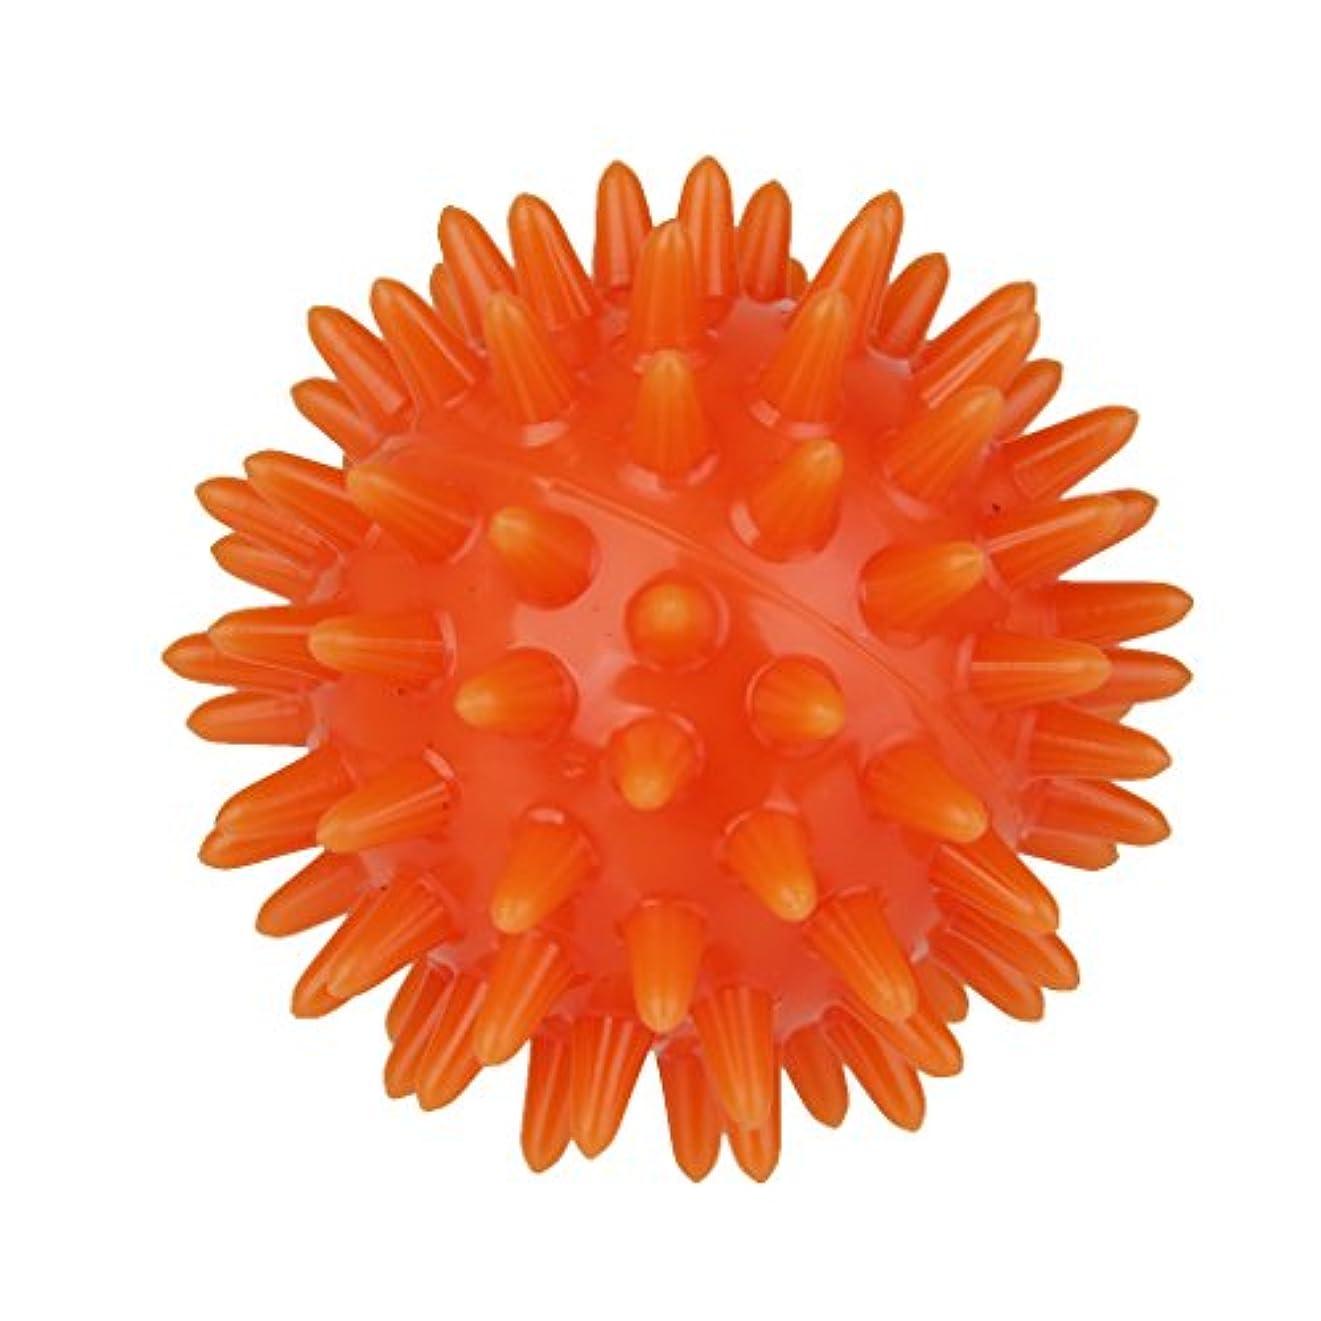 ユーモラスインストール中間SONONIA マッサージボール  手のひら 足 腕 首 背中 足首 ダーク フック側 オレンジ 5.5cm